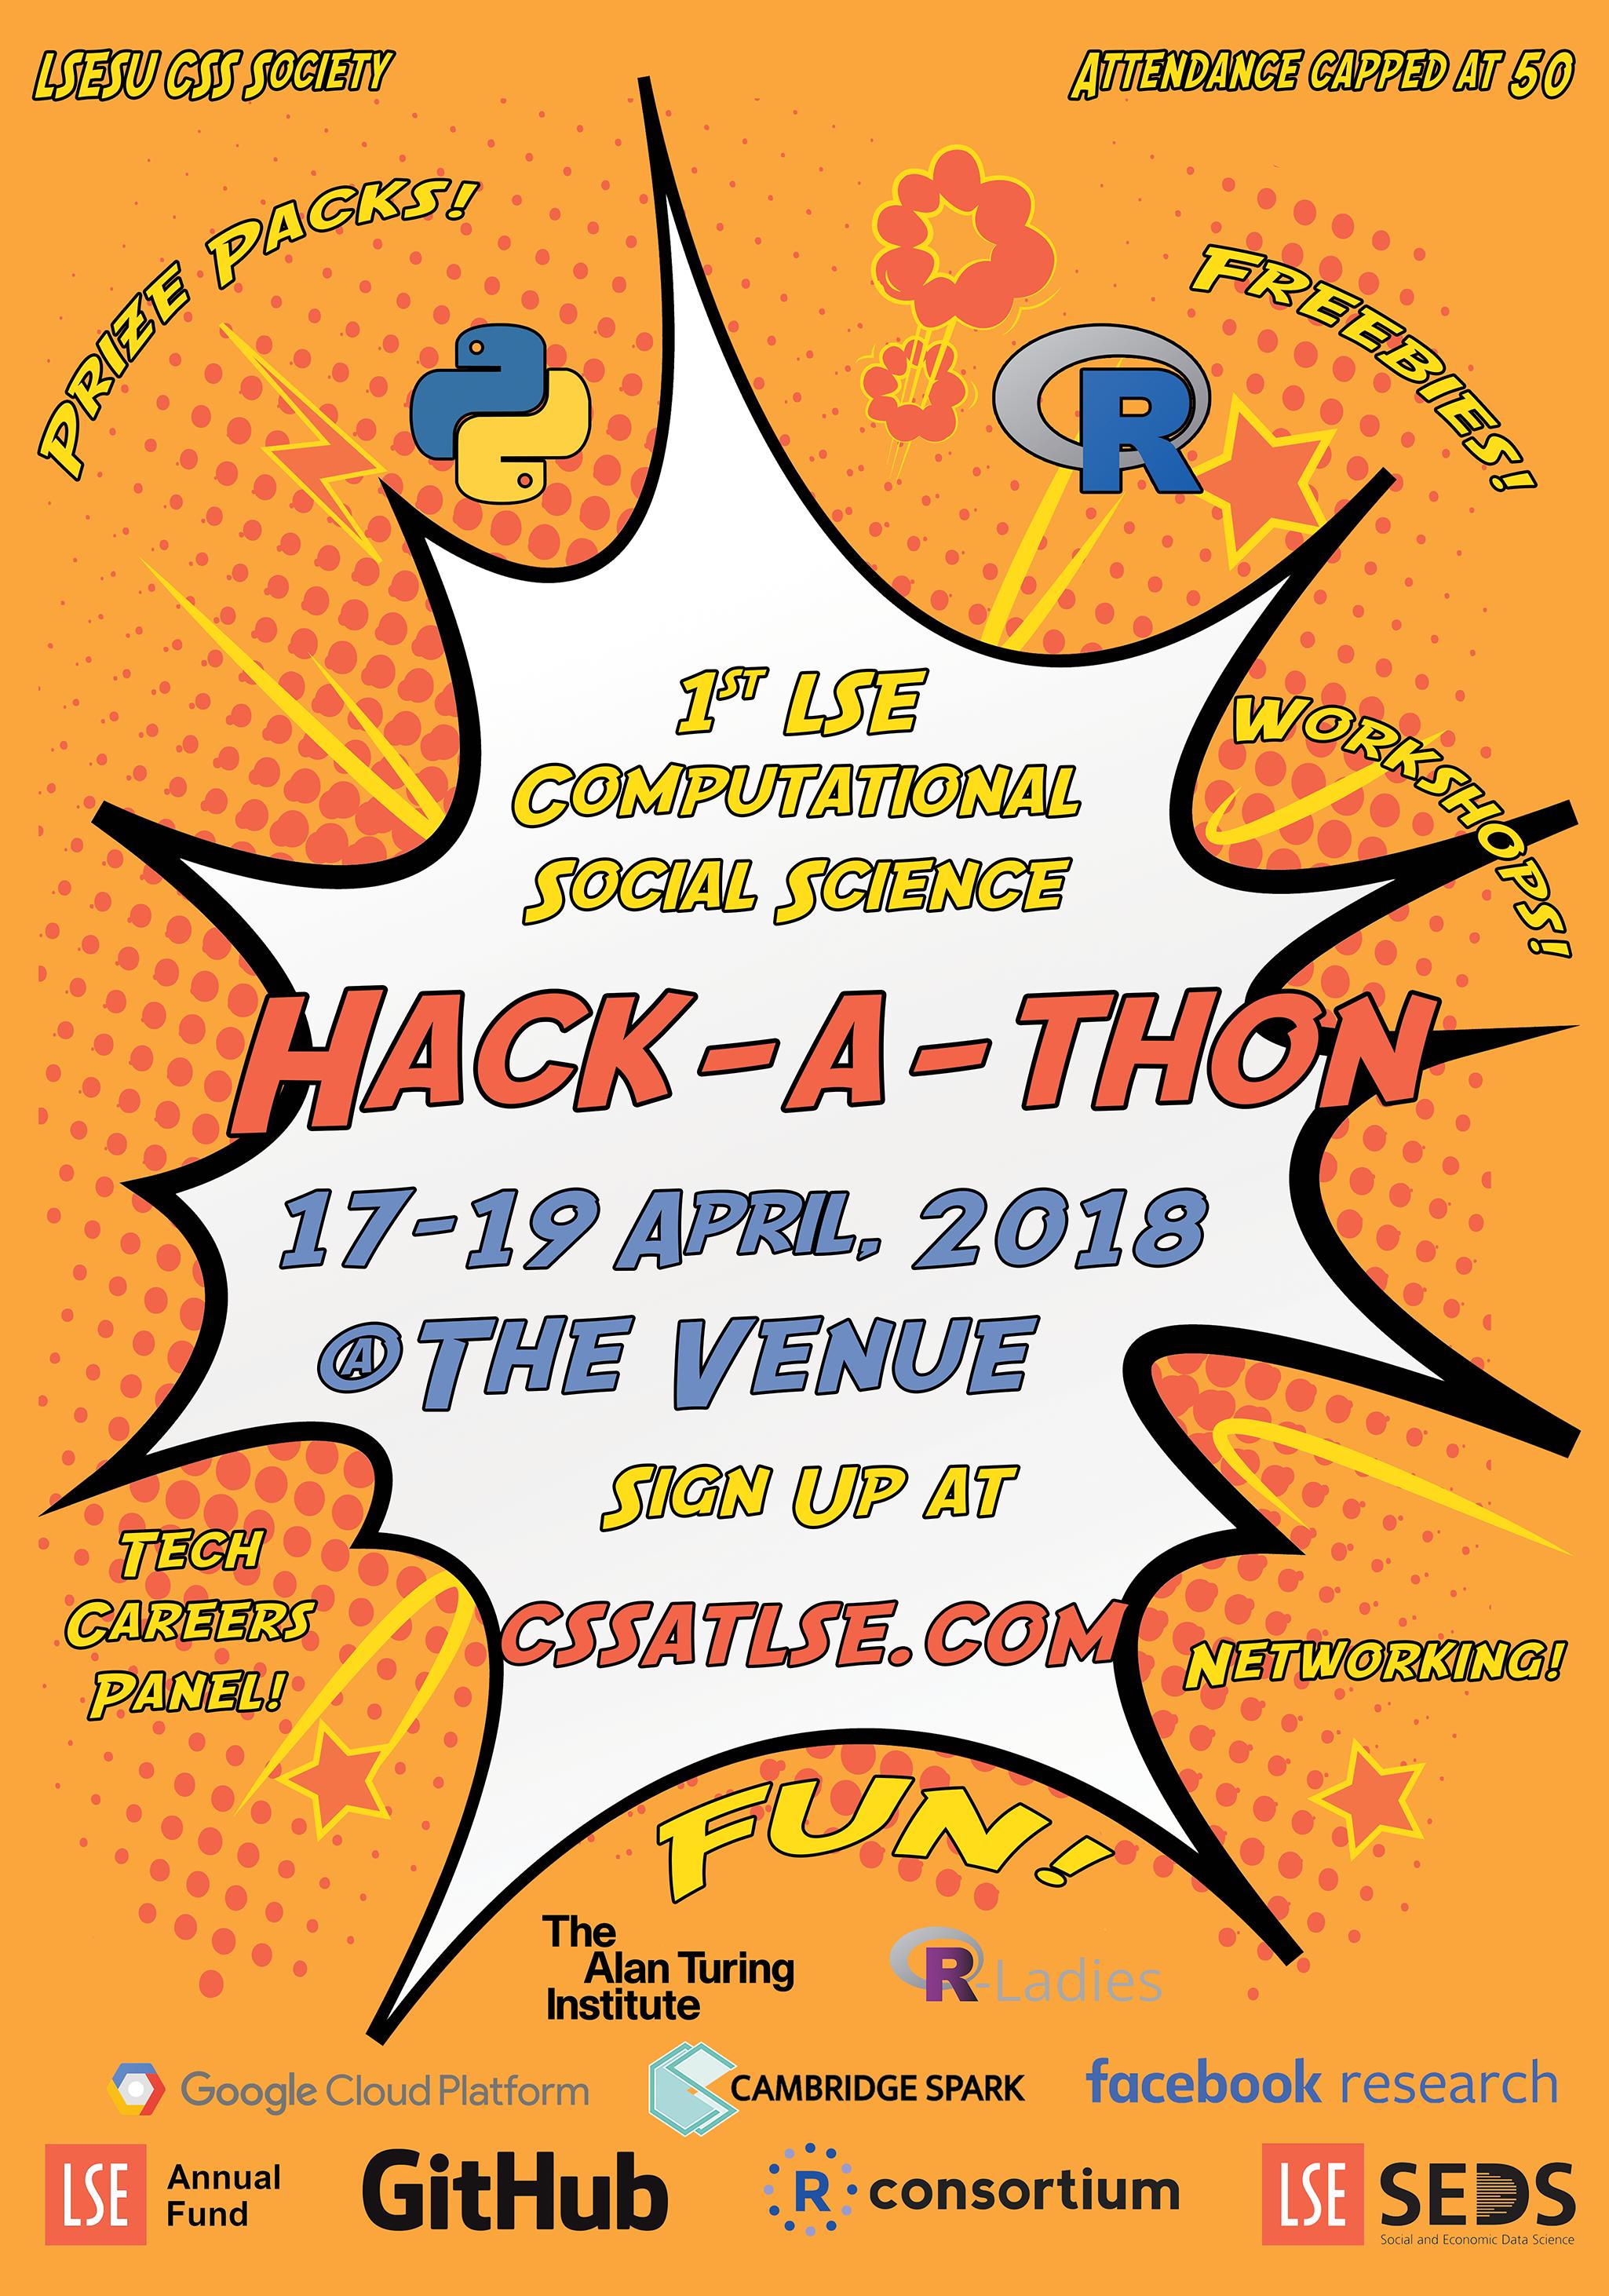 1st LSE CSS Hackathon! London 17-19 April